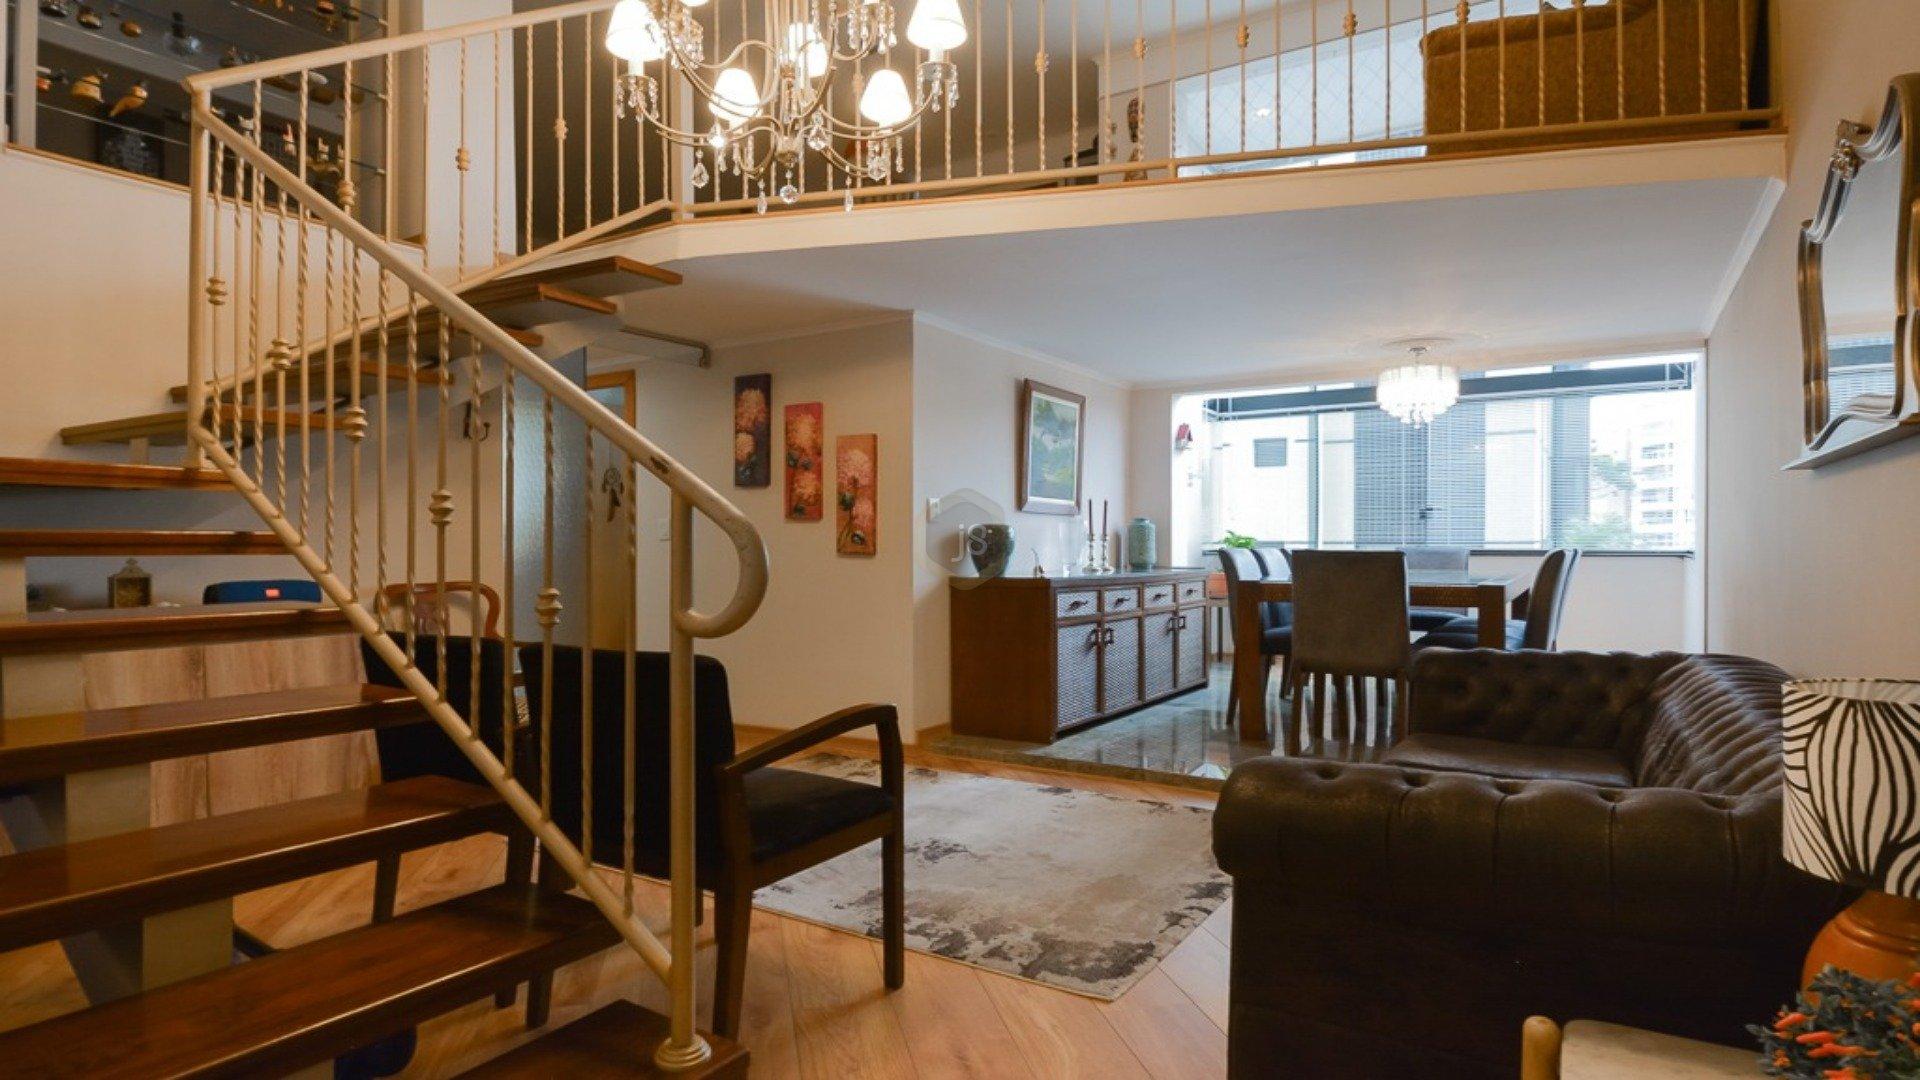 Foto de destaque Excelente apartamento duplex térreo no cabral